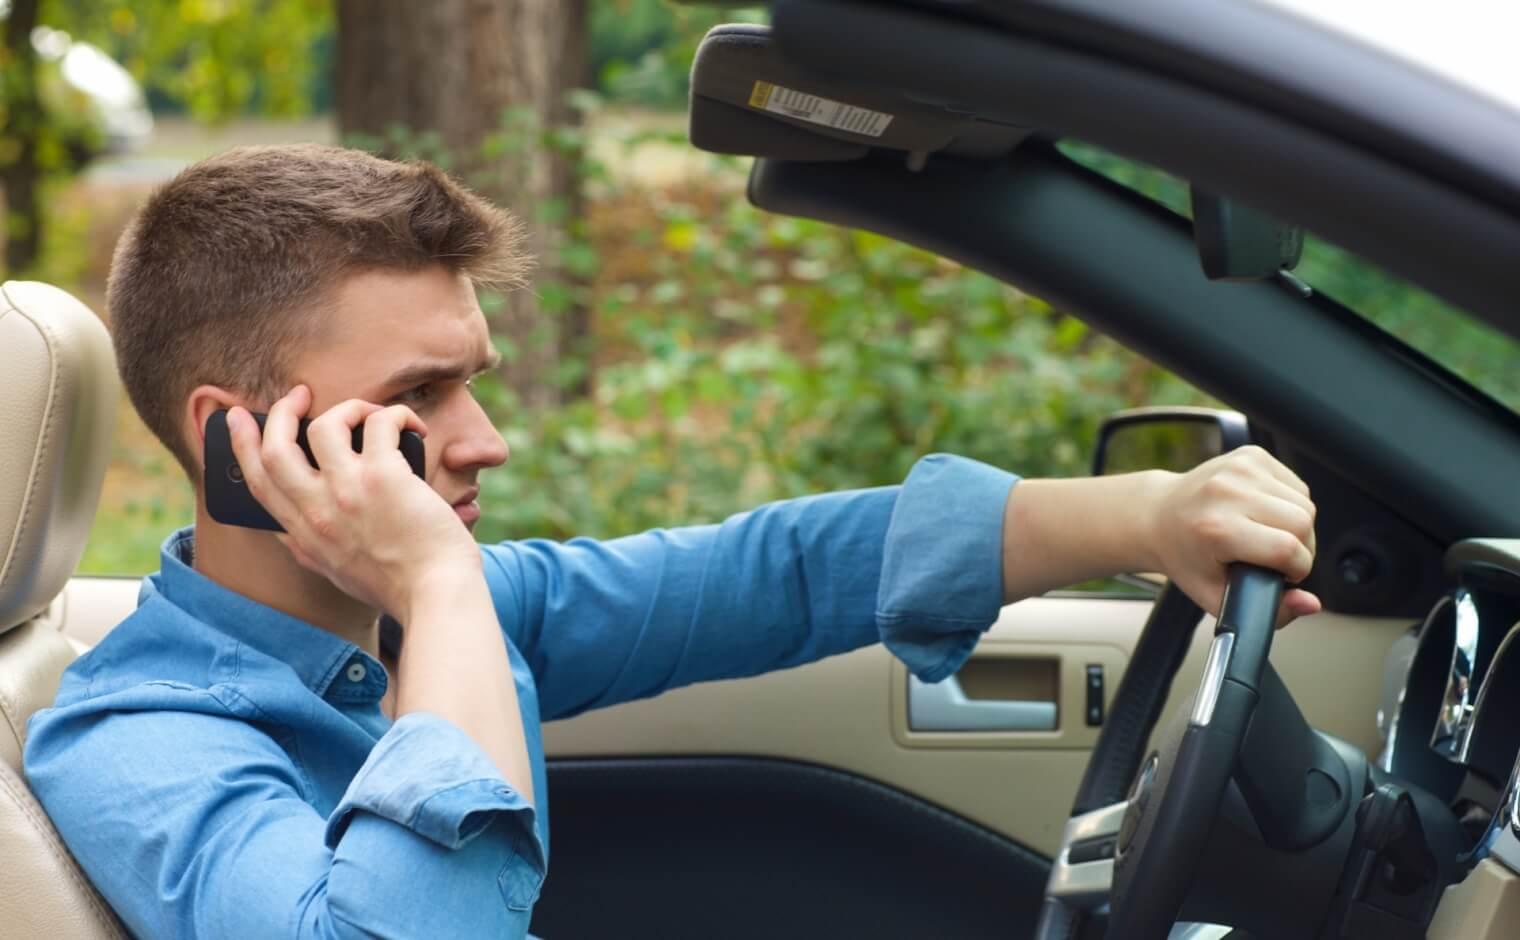 運転中の携帯電話使用